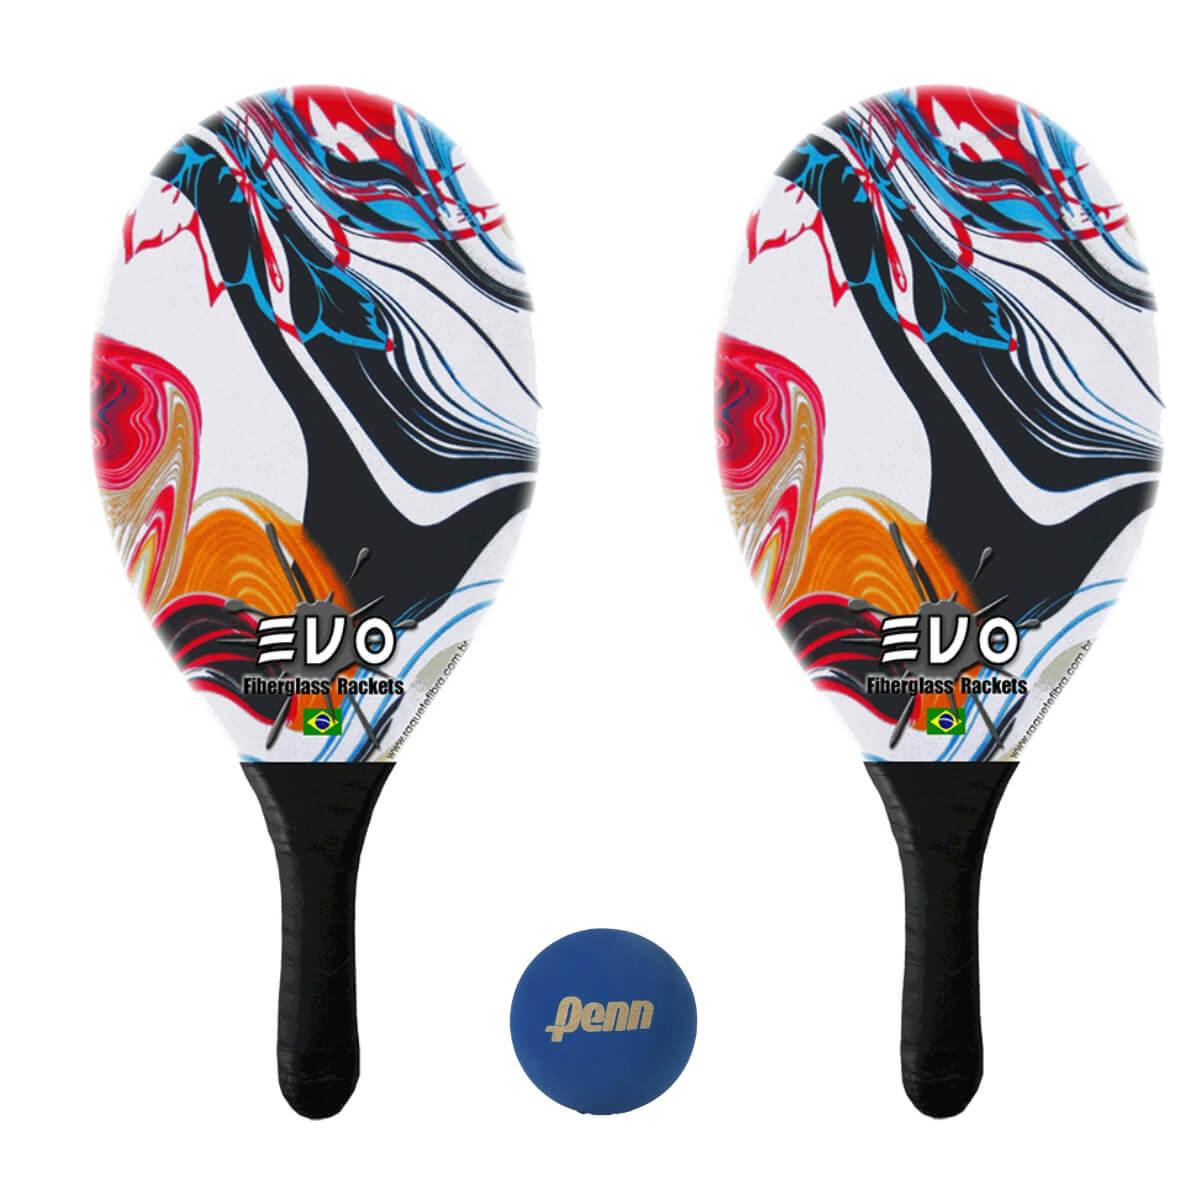 Kit Raquetes Frescobol Evo Fibra Vidro Vetor com Bola Penn